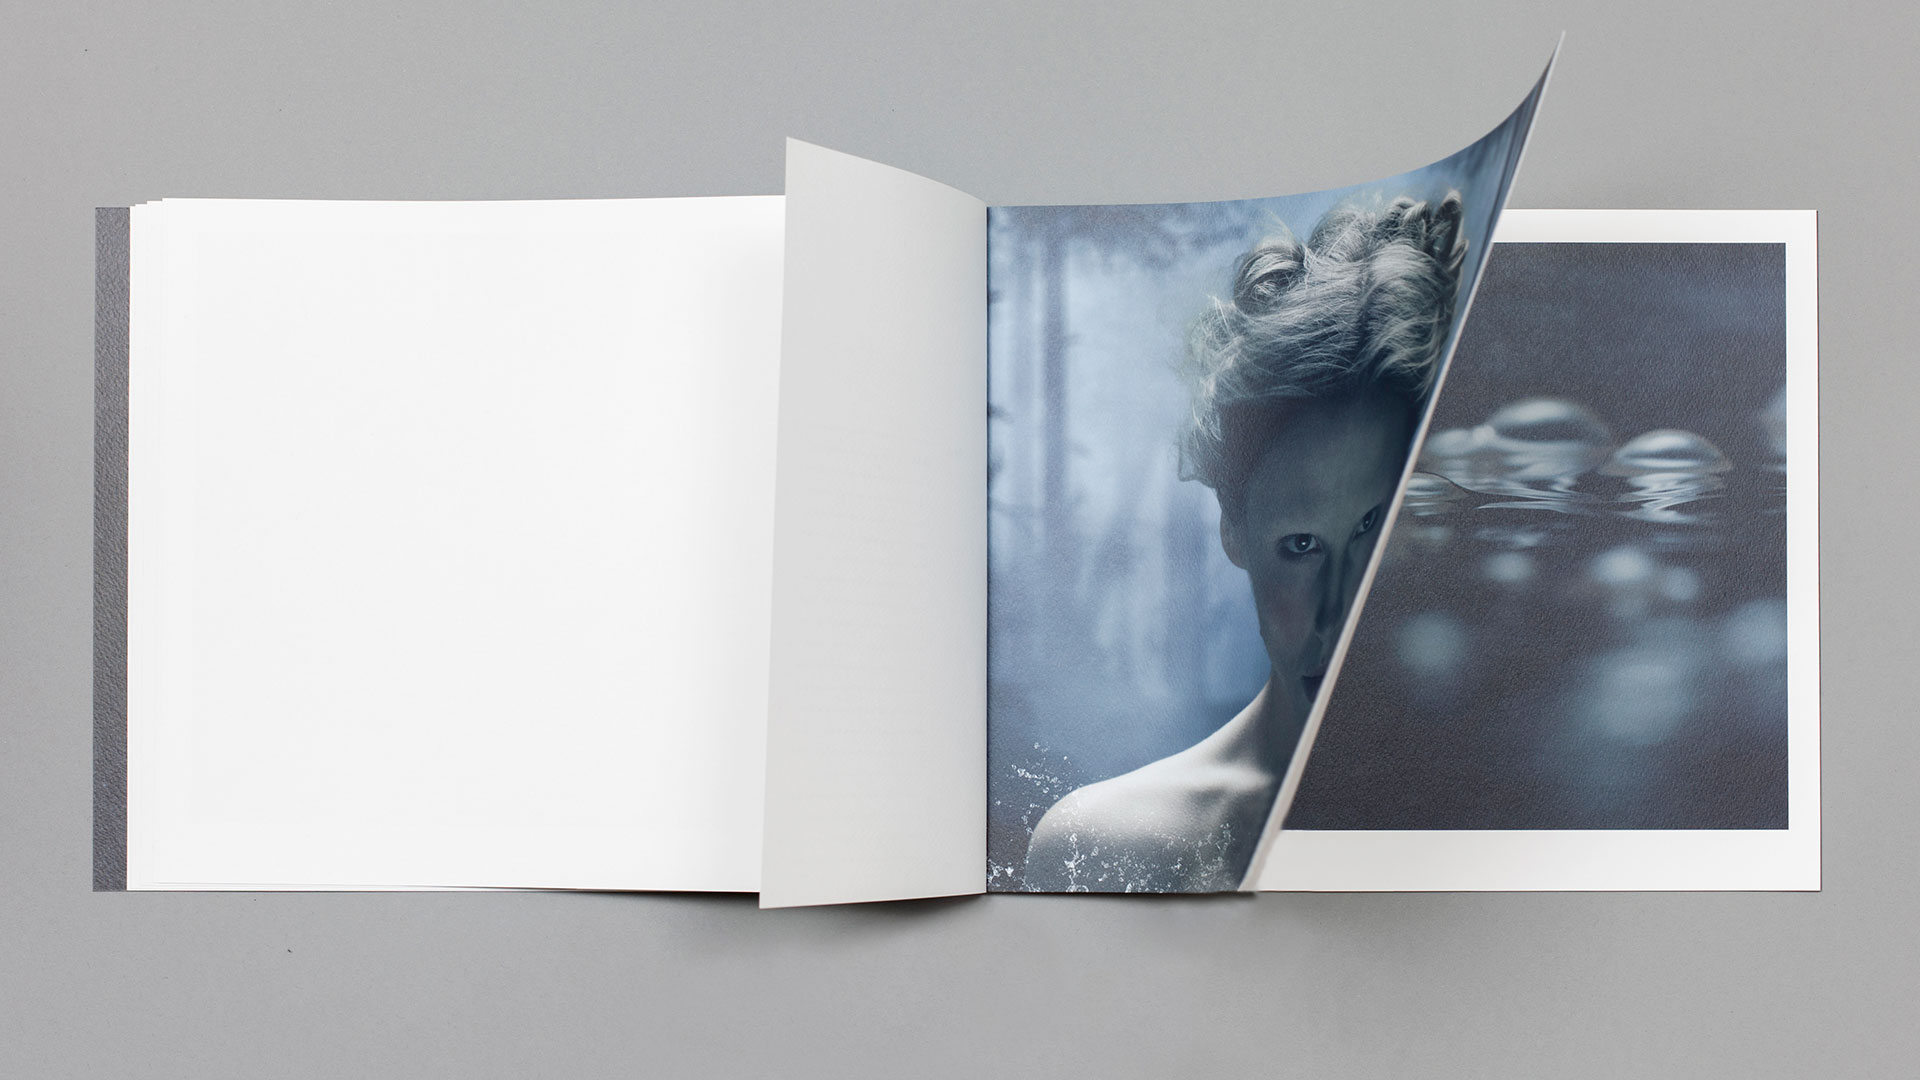 cgi-fotografen-dortmund-deutschland-buchprojekt-arethusa-